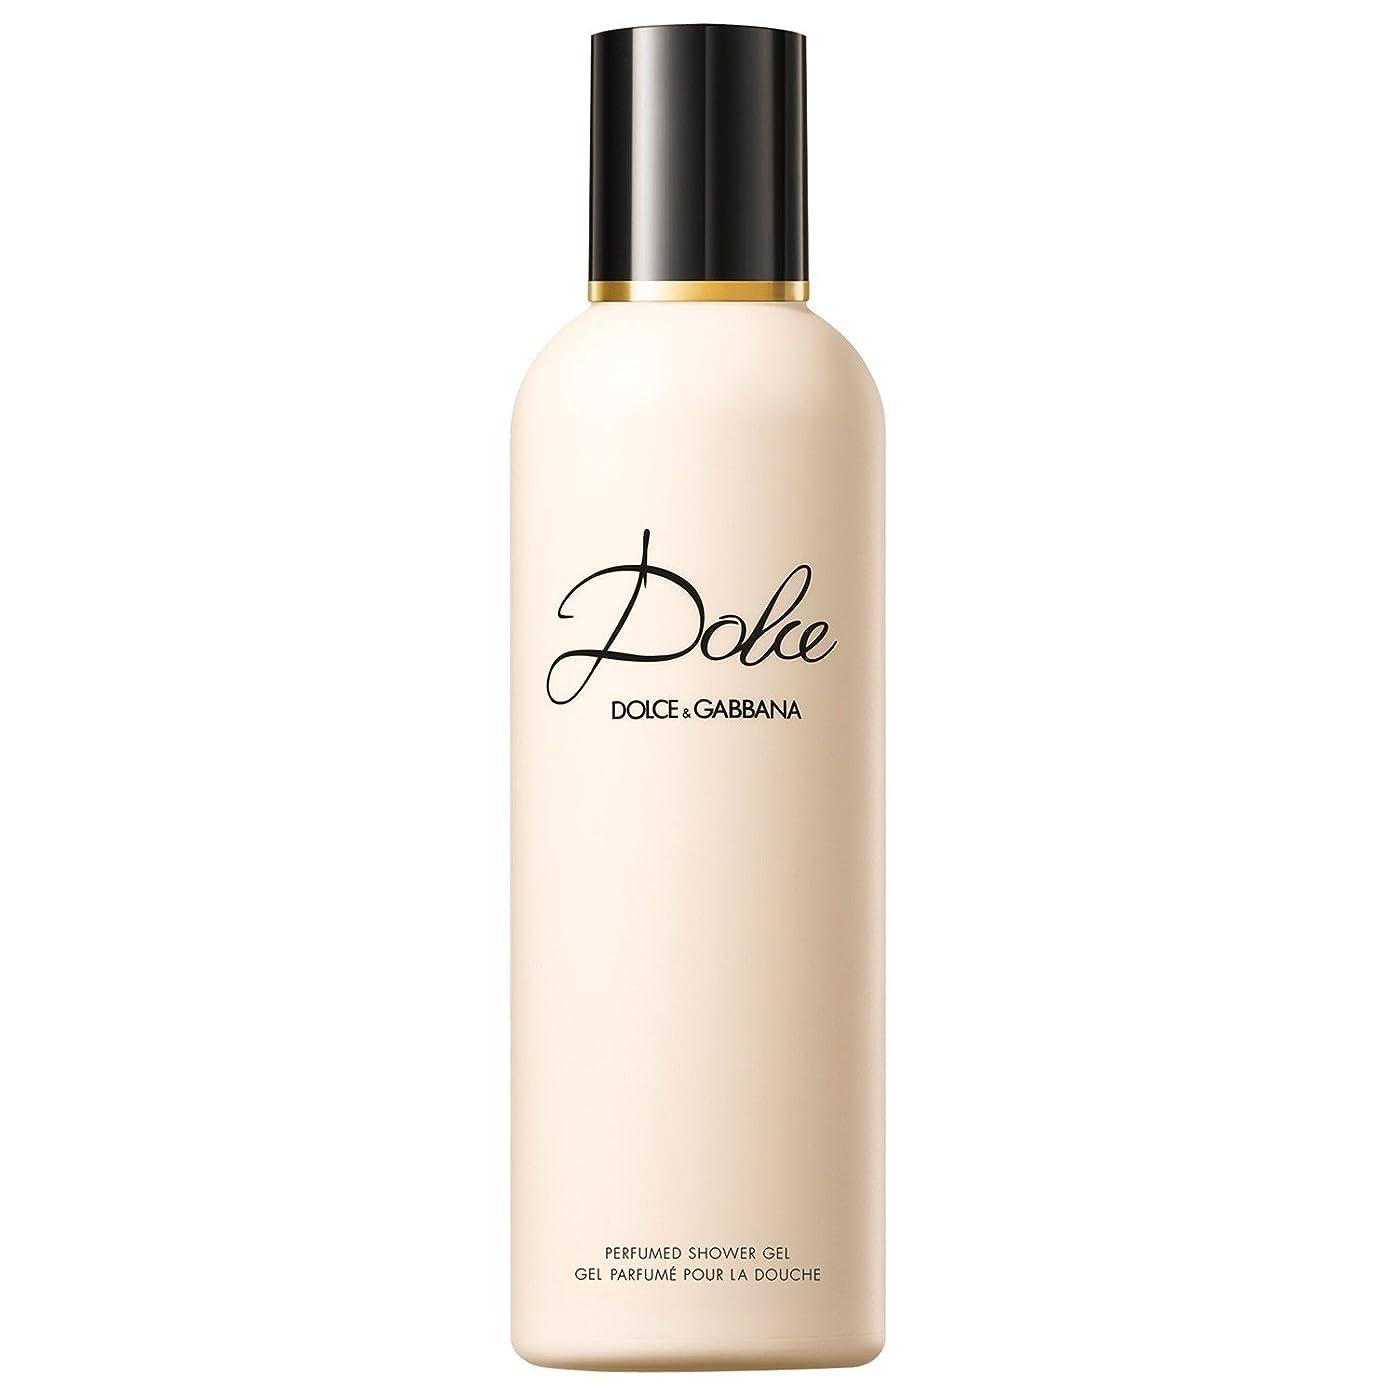 独特の蓄積するデンプシードルチェ&ガッバーナドルチェシャワージェル200ミリリットル (Dolce & Gabbana) - Dolce & Gabbana Dolce Shower Gel 200ml [並行輸入品]